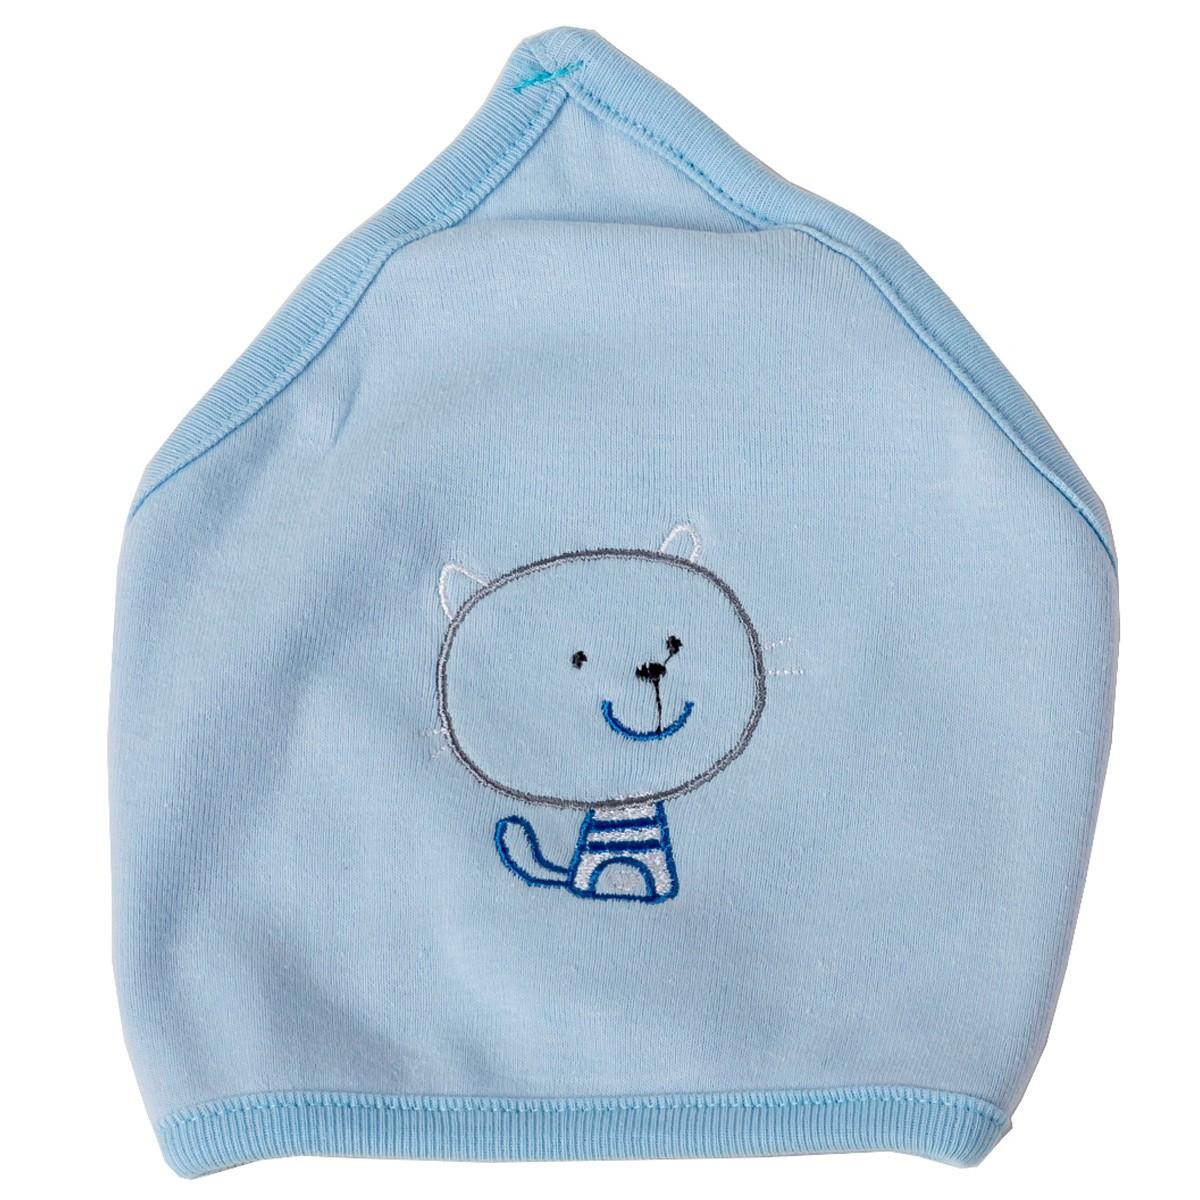 Σαλιάρα-Μπαντάνα Κόσμος Του Μωρού Home 0612 Σιέλ 74695